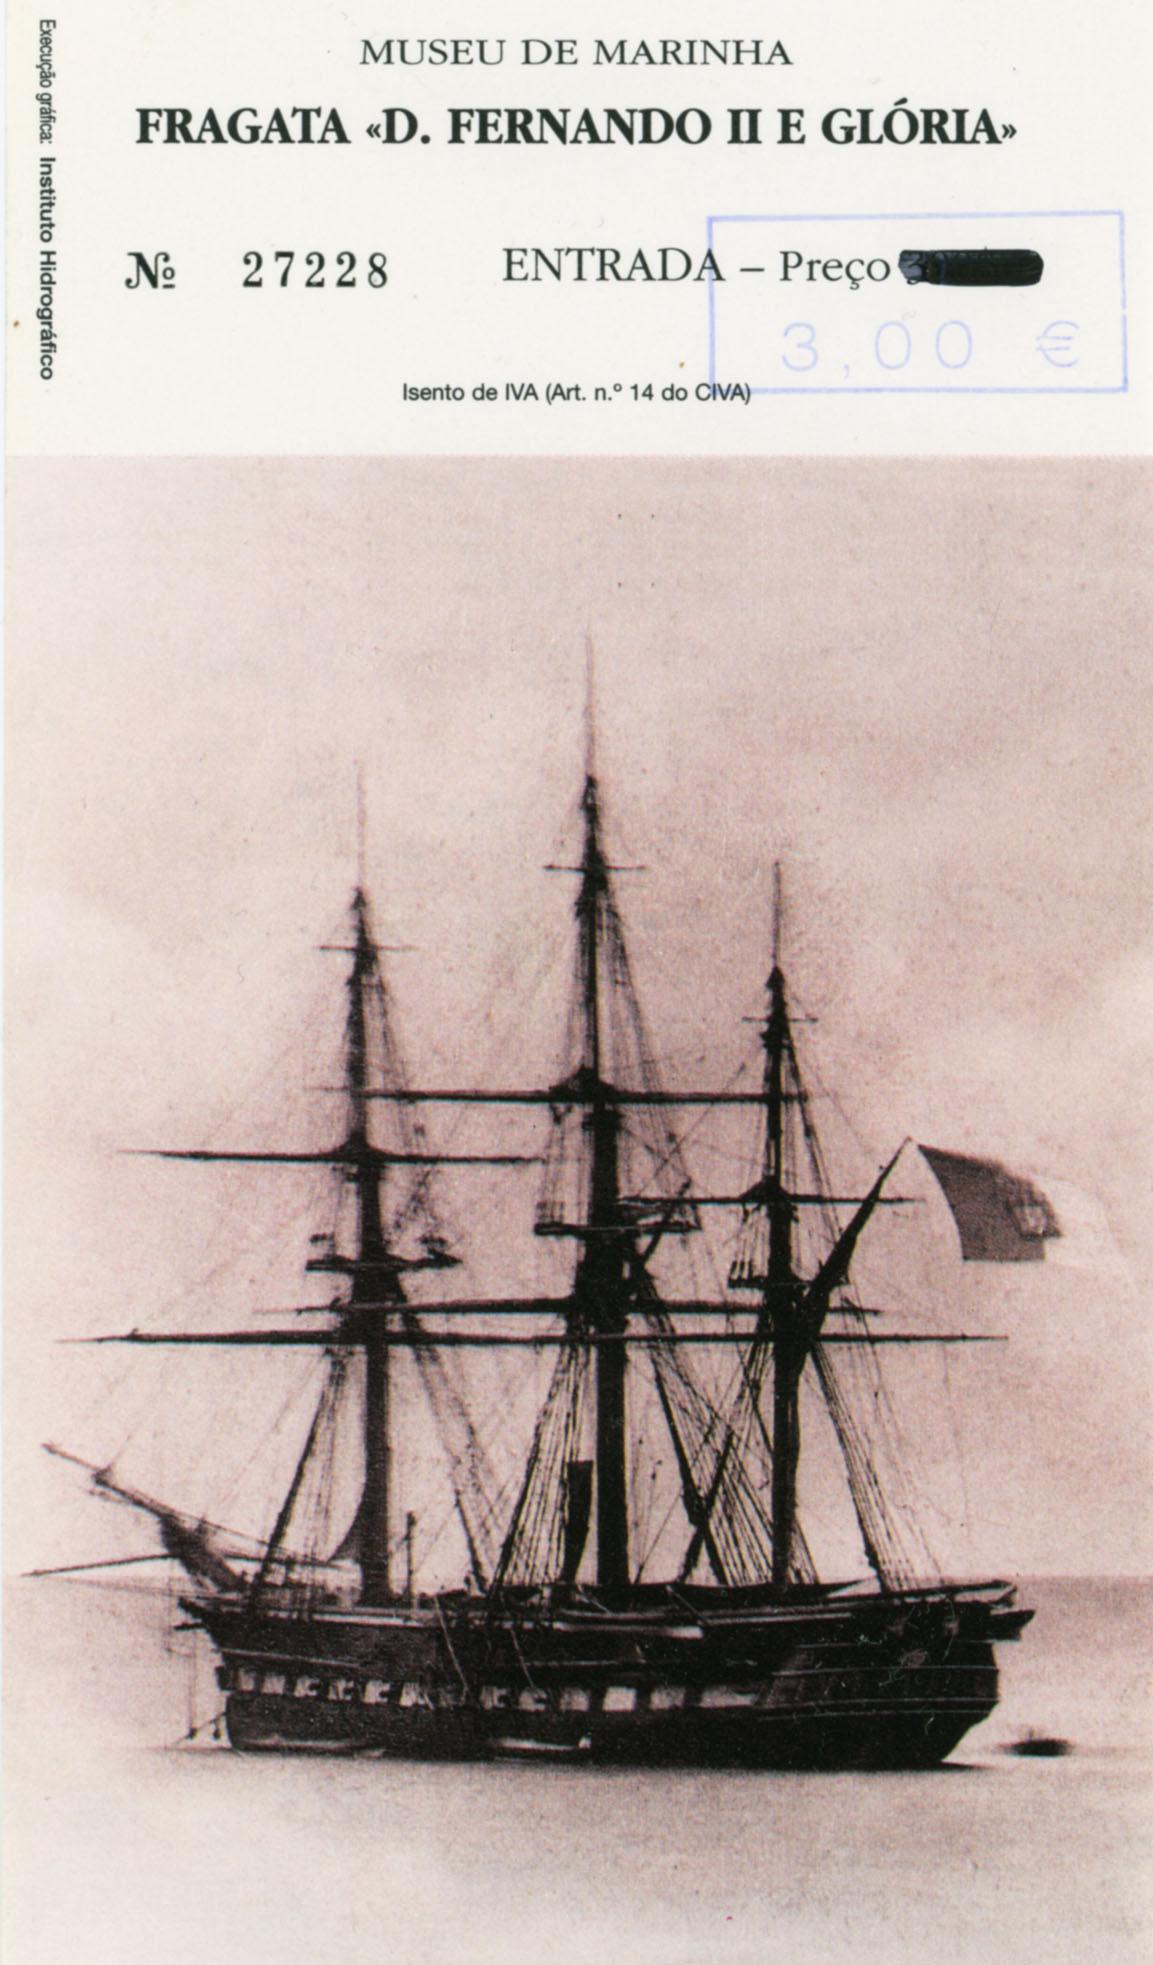 Входной билет на корабль-музей украшает редкая фотография - «Дон Фернанду II» в 1878 году. На билете проштампована и его цена – 3 евро.